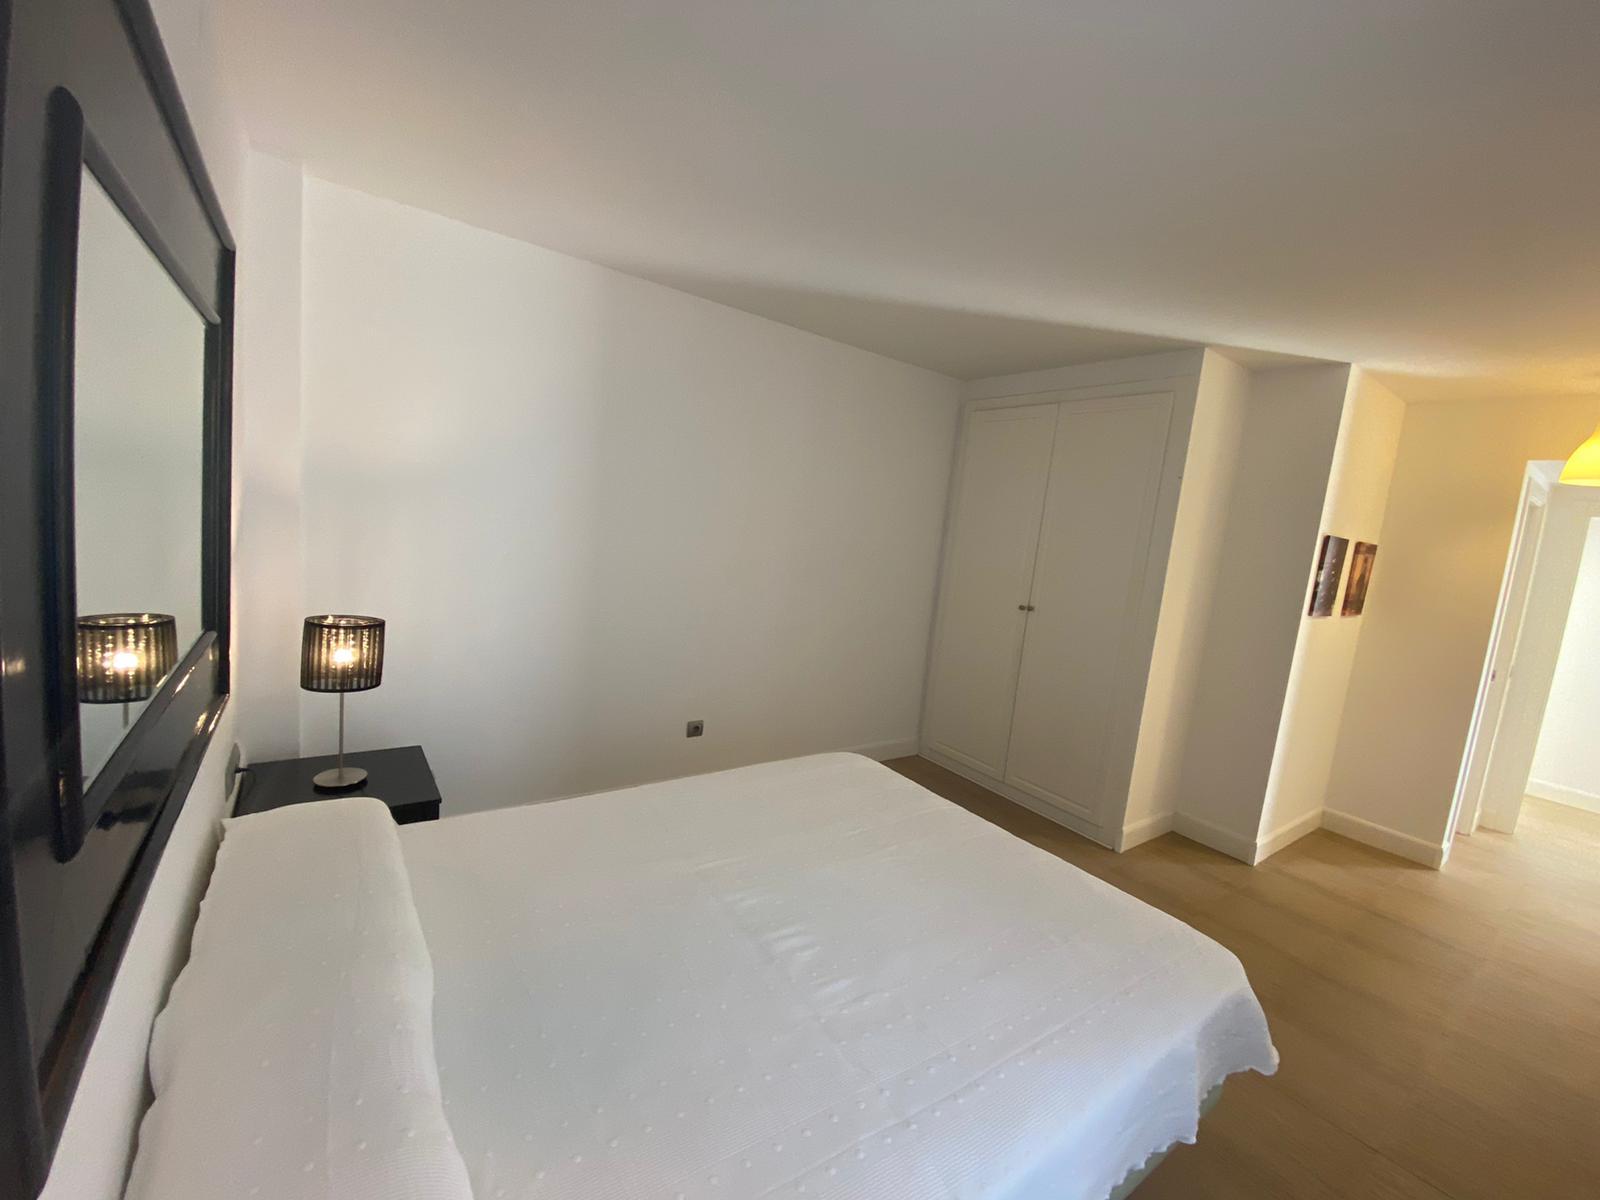 Imagen 8 del Apartamento Turístico, Ático 1 Levante (3d+2b), Punta del Moral (HUELVA), Paseo de la Cruz nº22